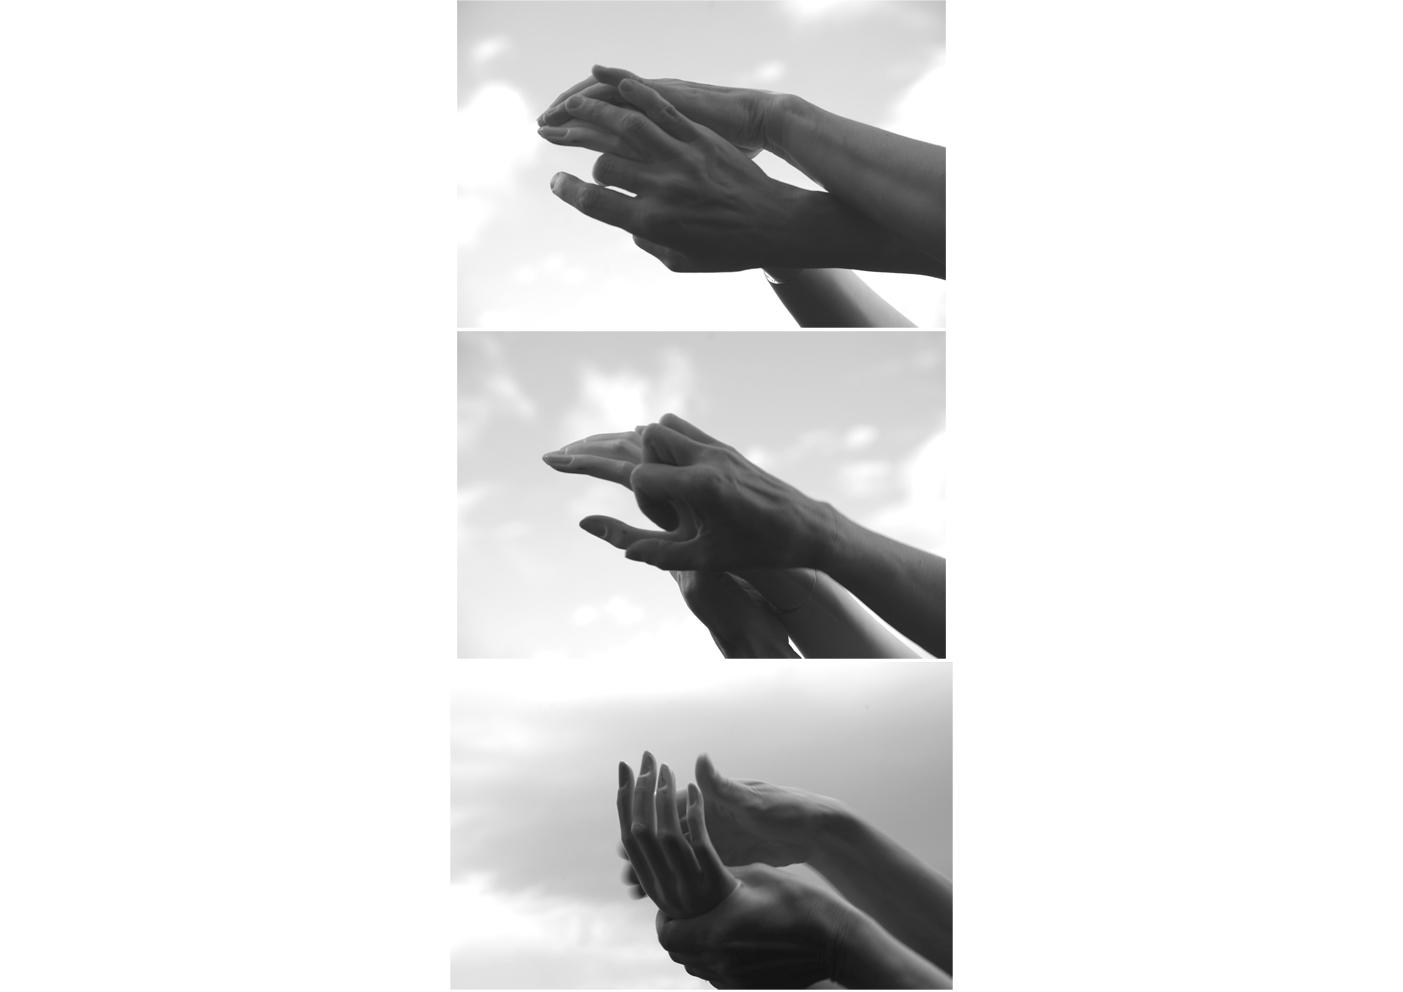 Serie_III_hands